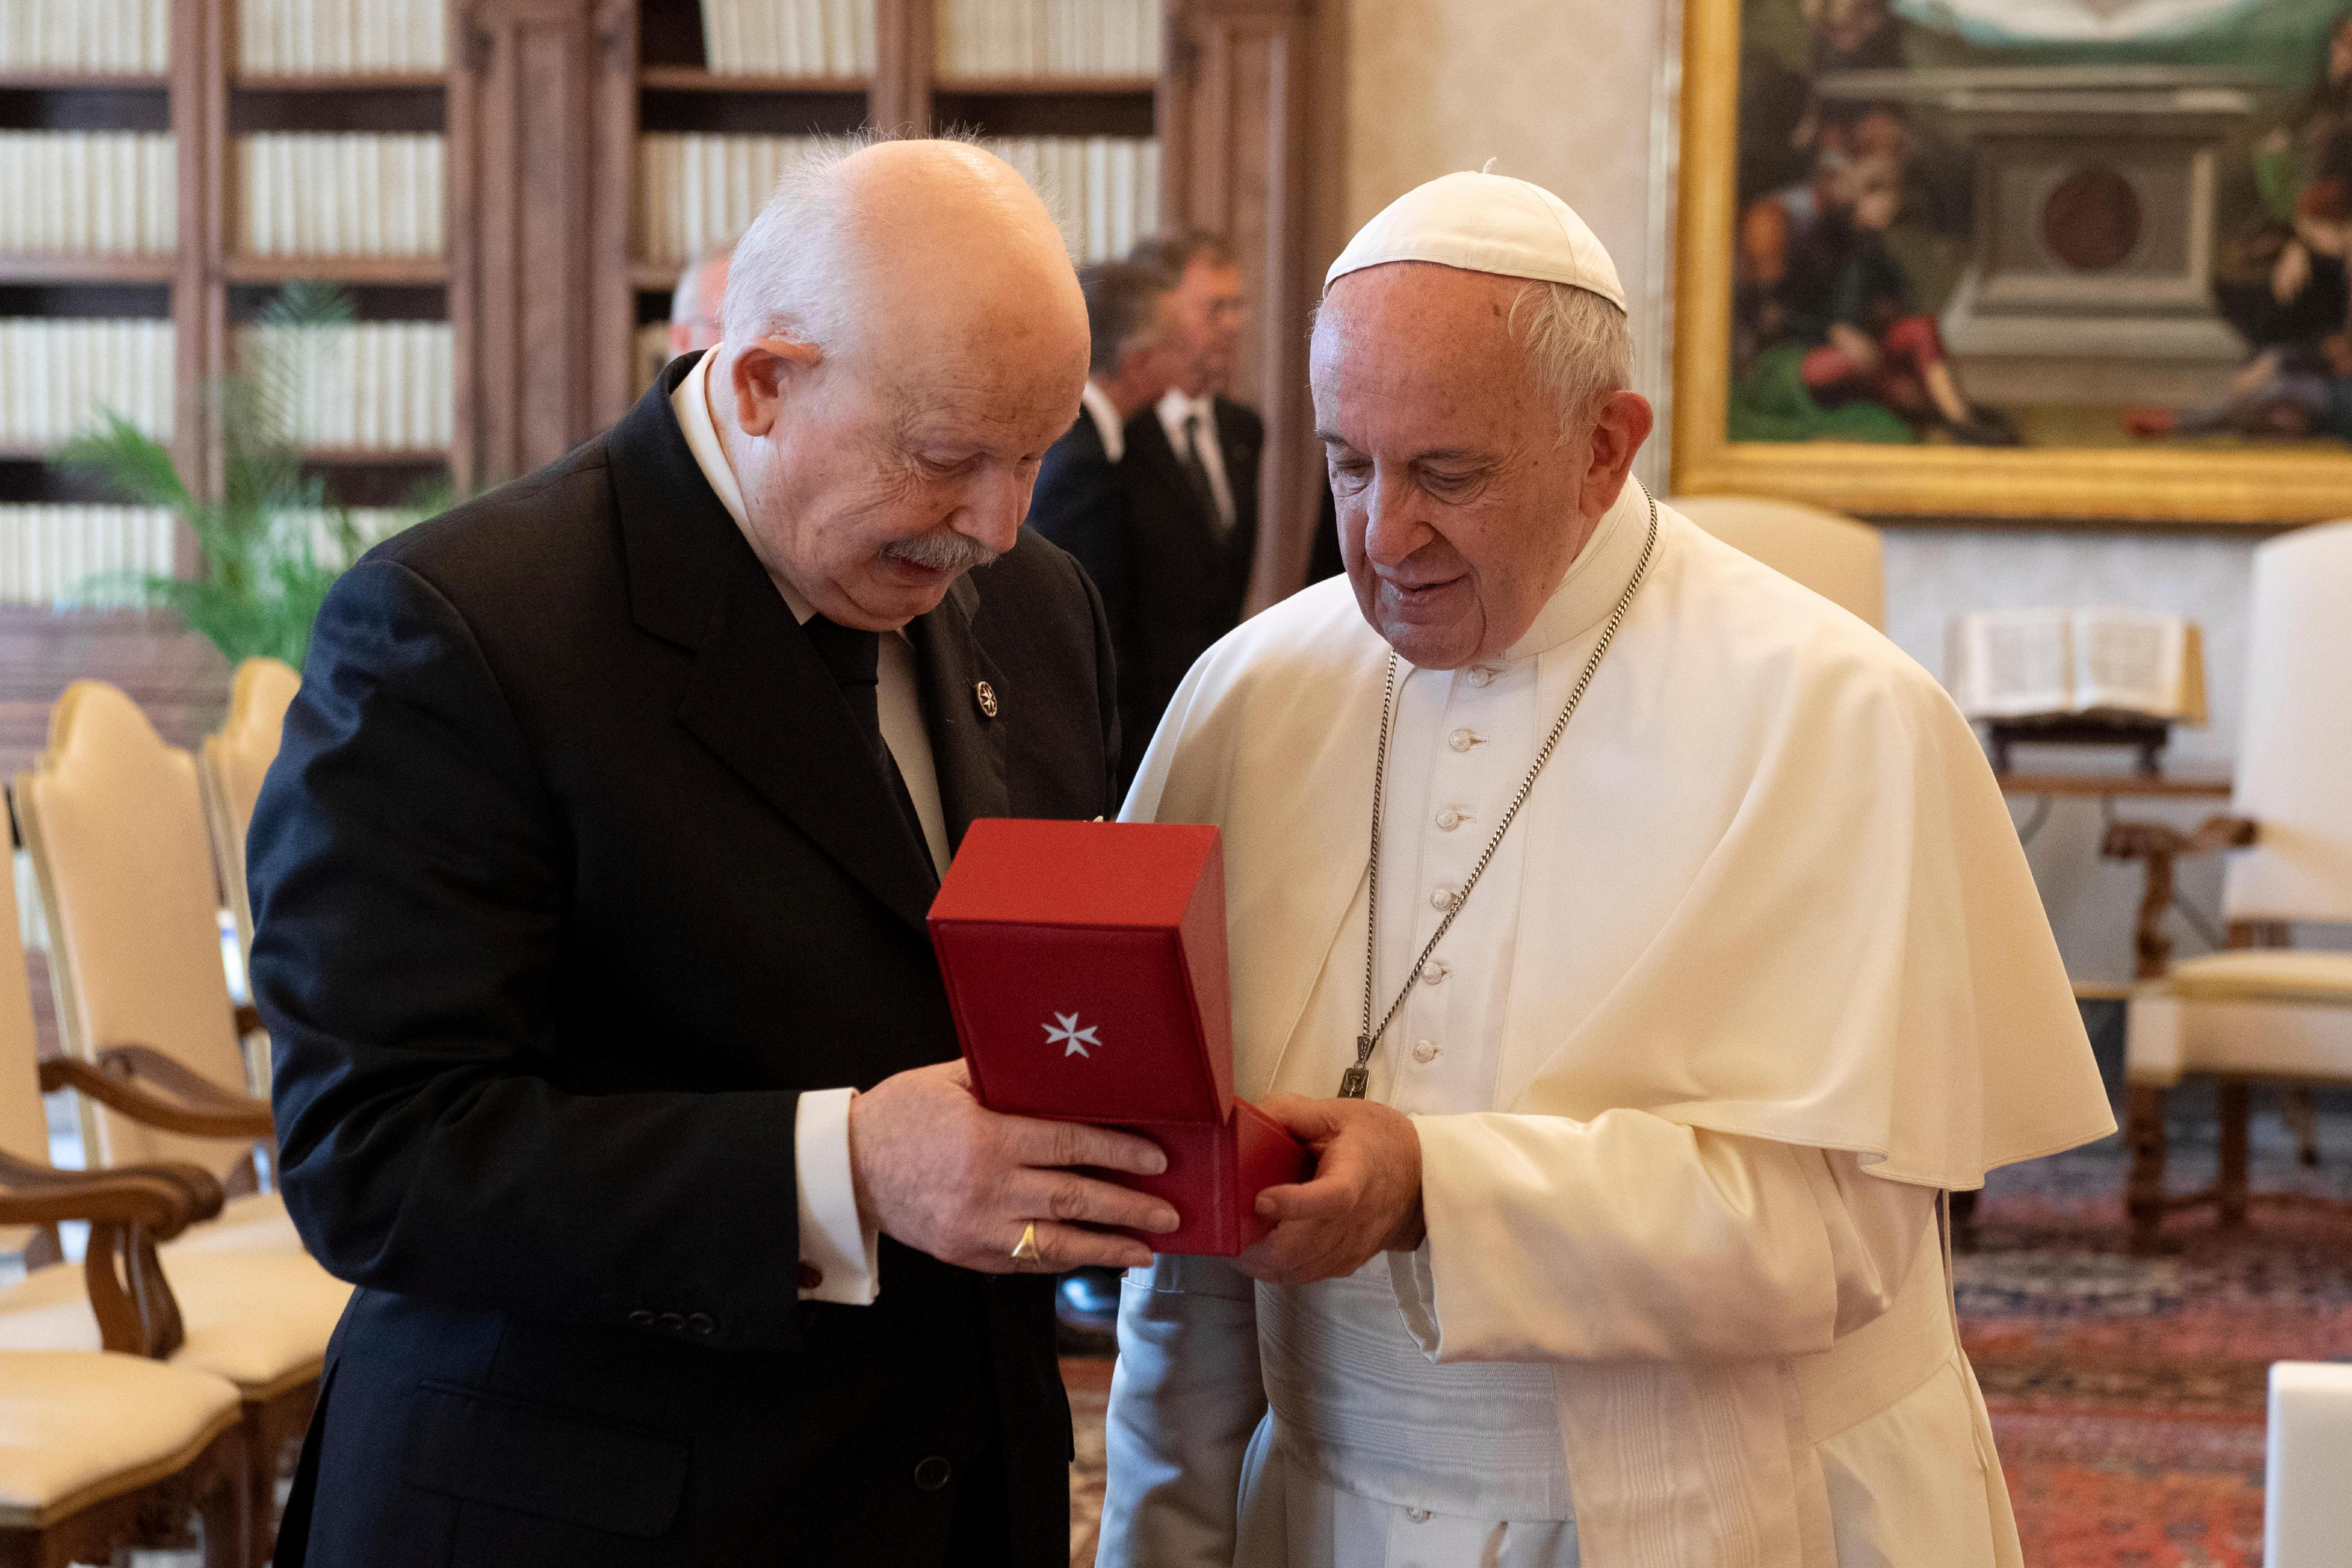 El Papa Francisco recibe un regalo del Gran Maestre de la Orden de Malta © Vatican Media